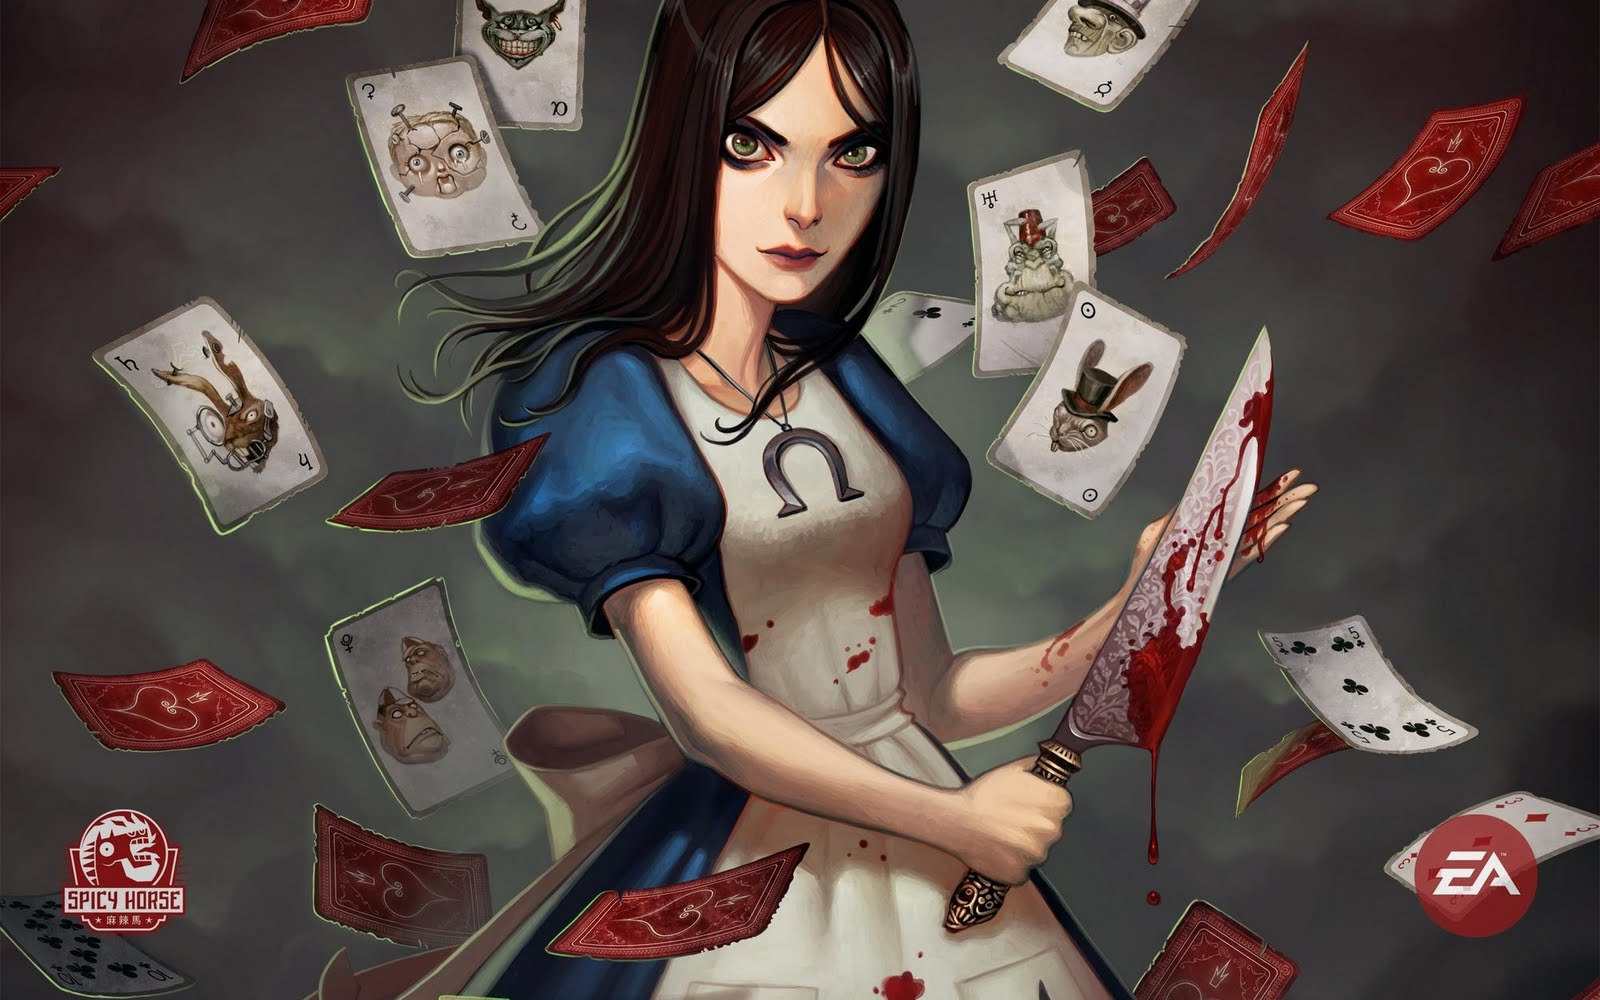 http://3.bp.blogspot.com/_V6TVDECge74/TF3wFf3yWXI/AAAAAAAAA4M/c4Md9tGXRDI/s1600/Fond+d%27ecran-alice-madness-returns+wallpaper.jpg